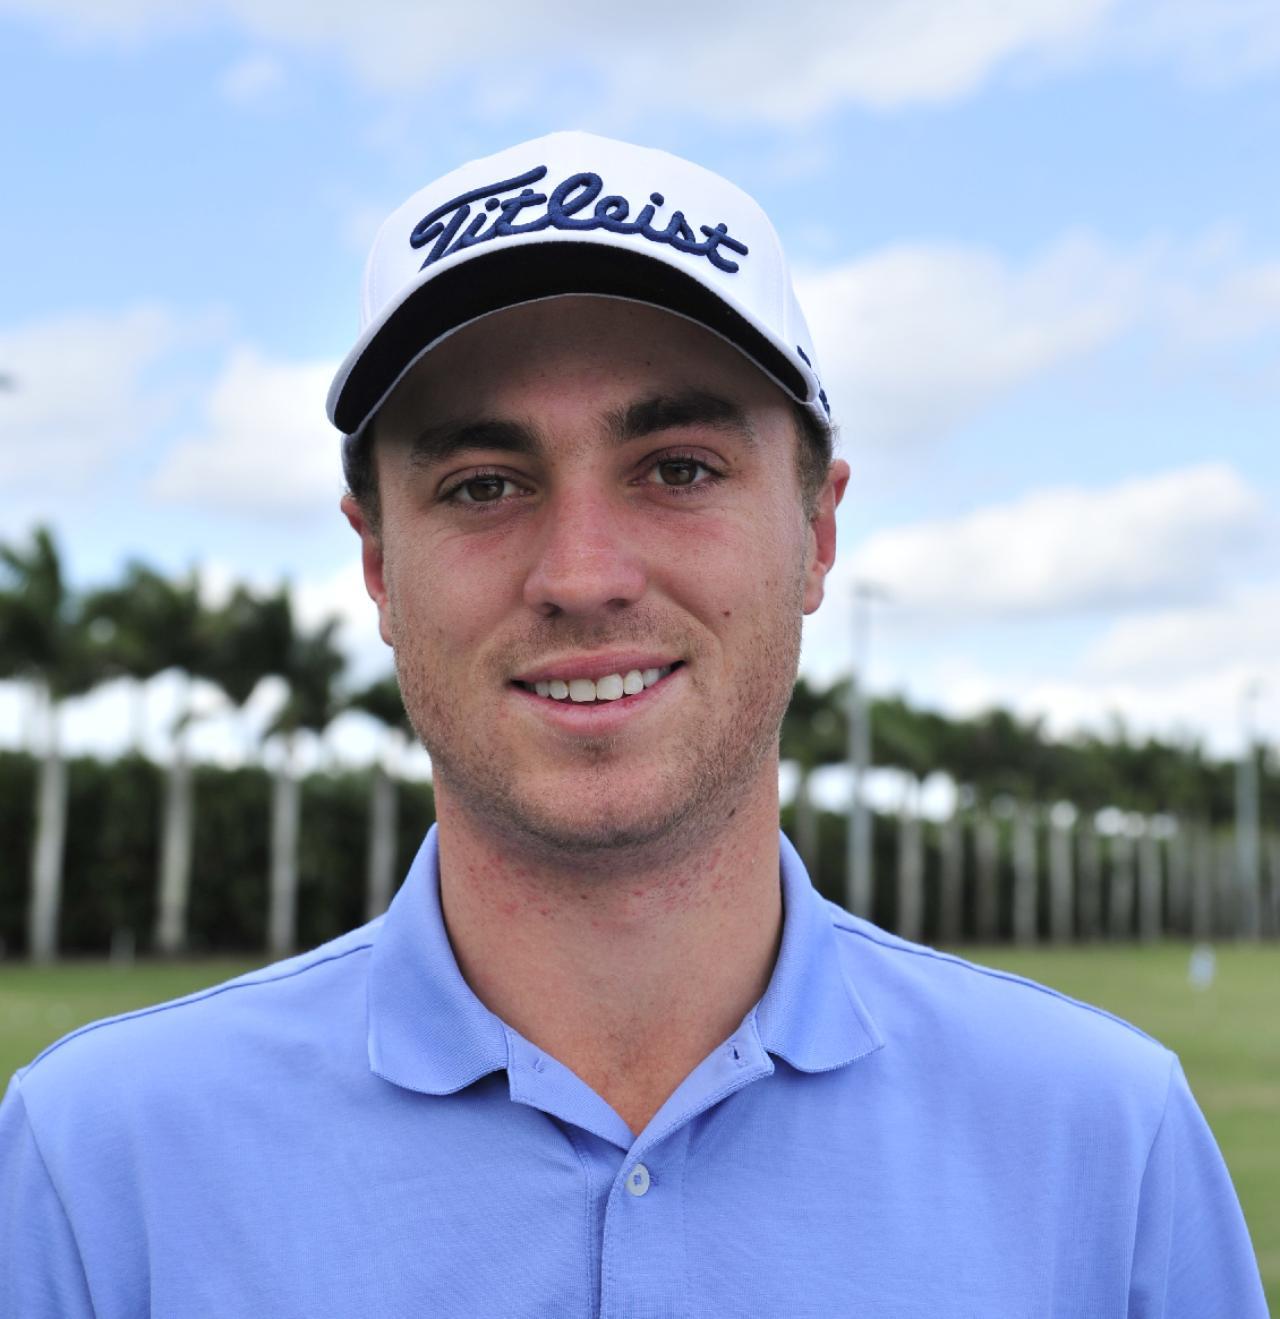 画像: SBSトーナメント・オブ・チャンピオンズで首位浮上のJ・トーマスってどんな選手? - みんなのゴルフダイジェスト